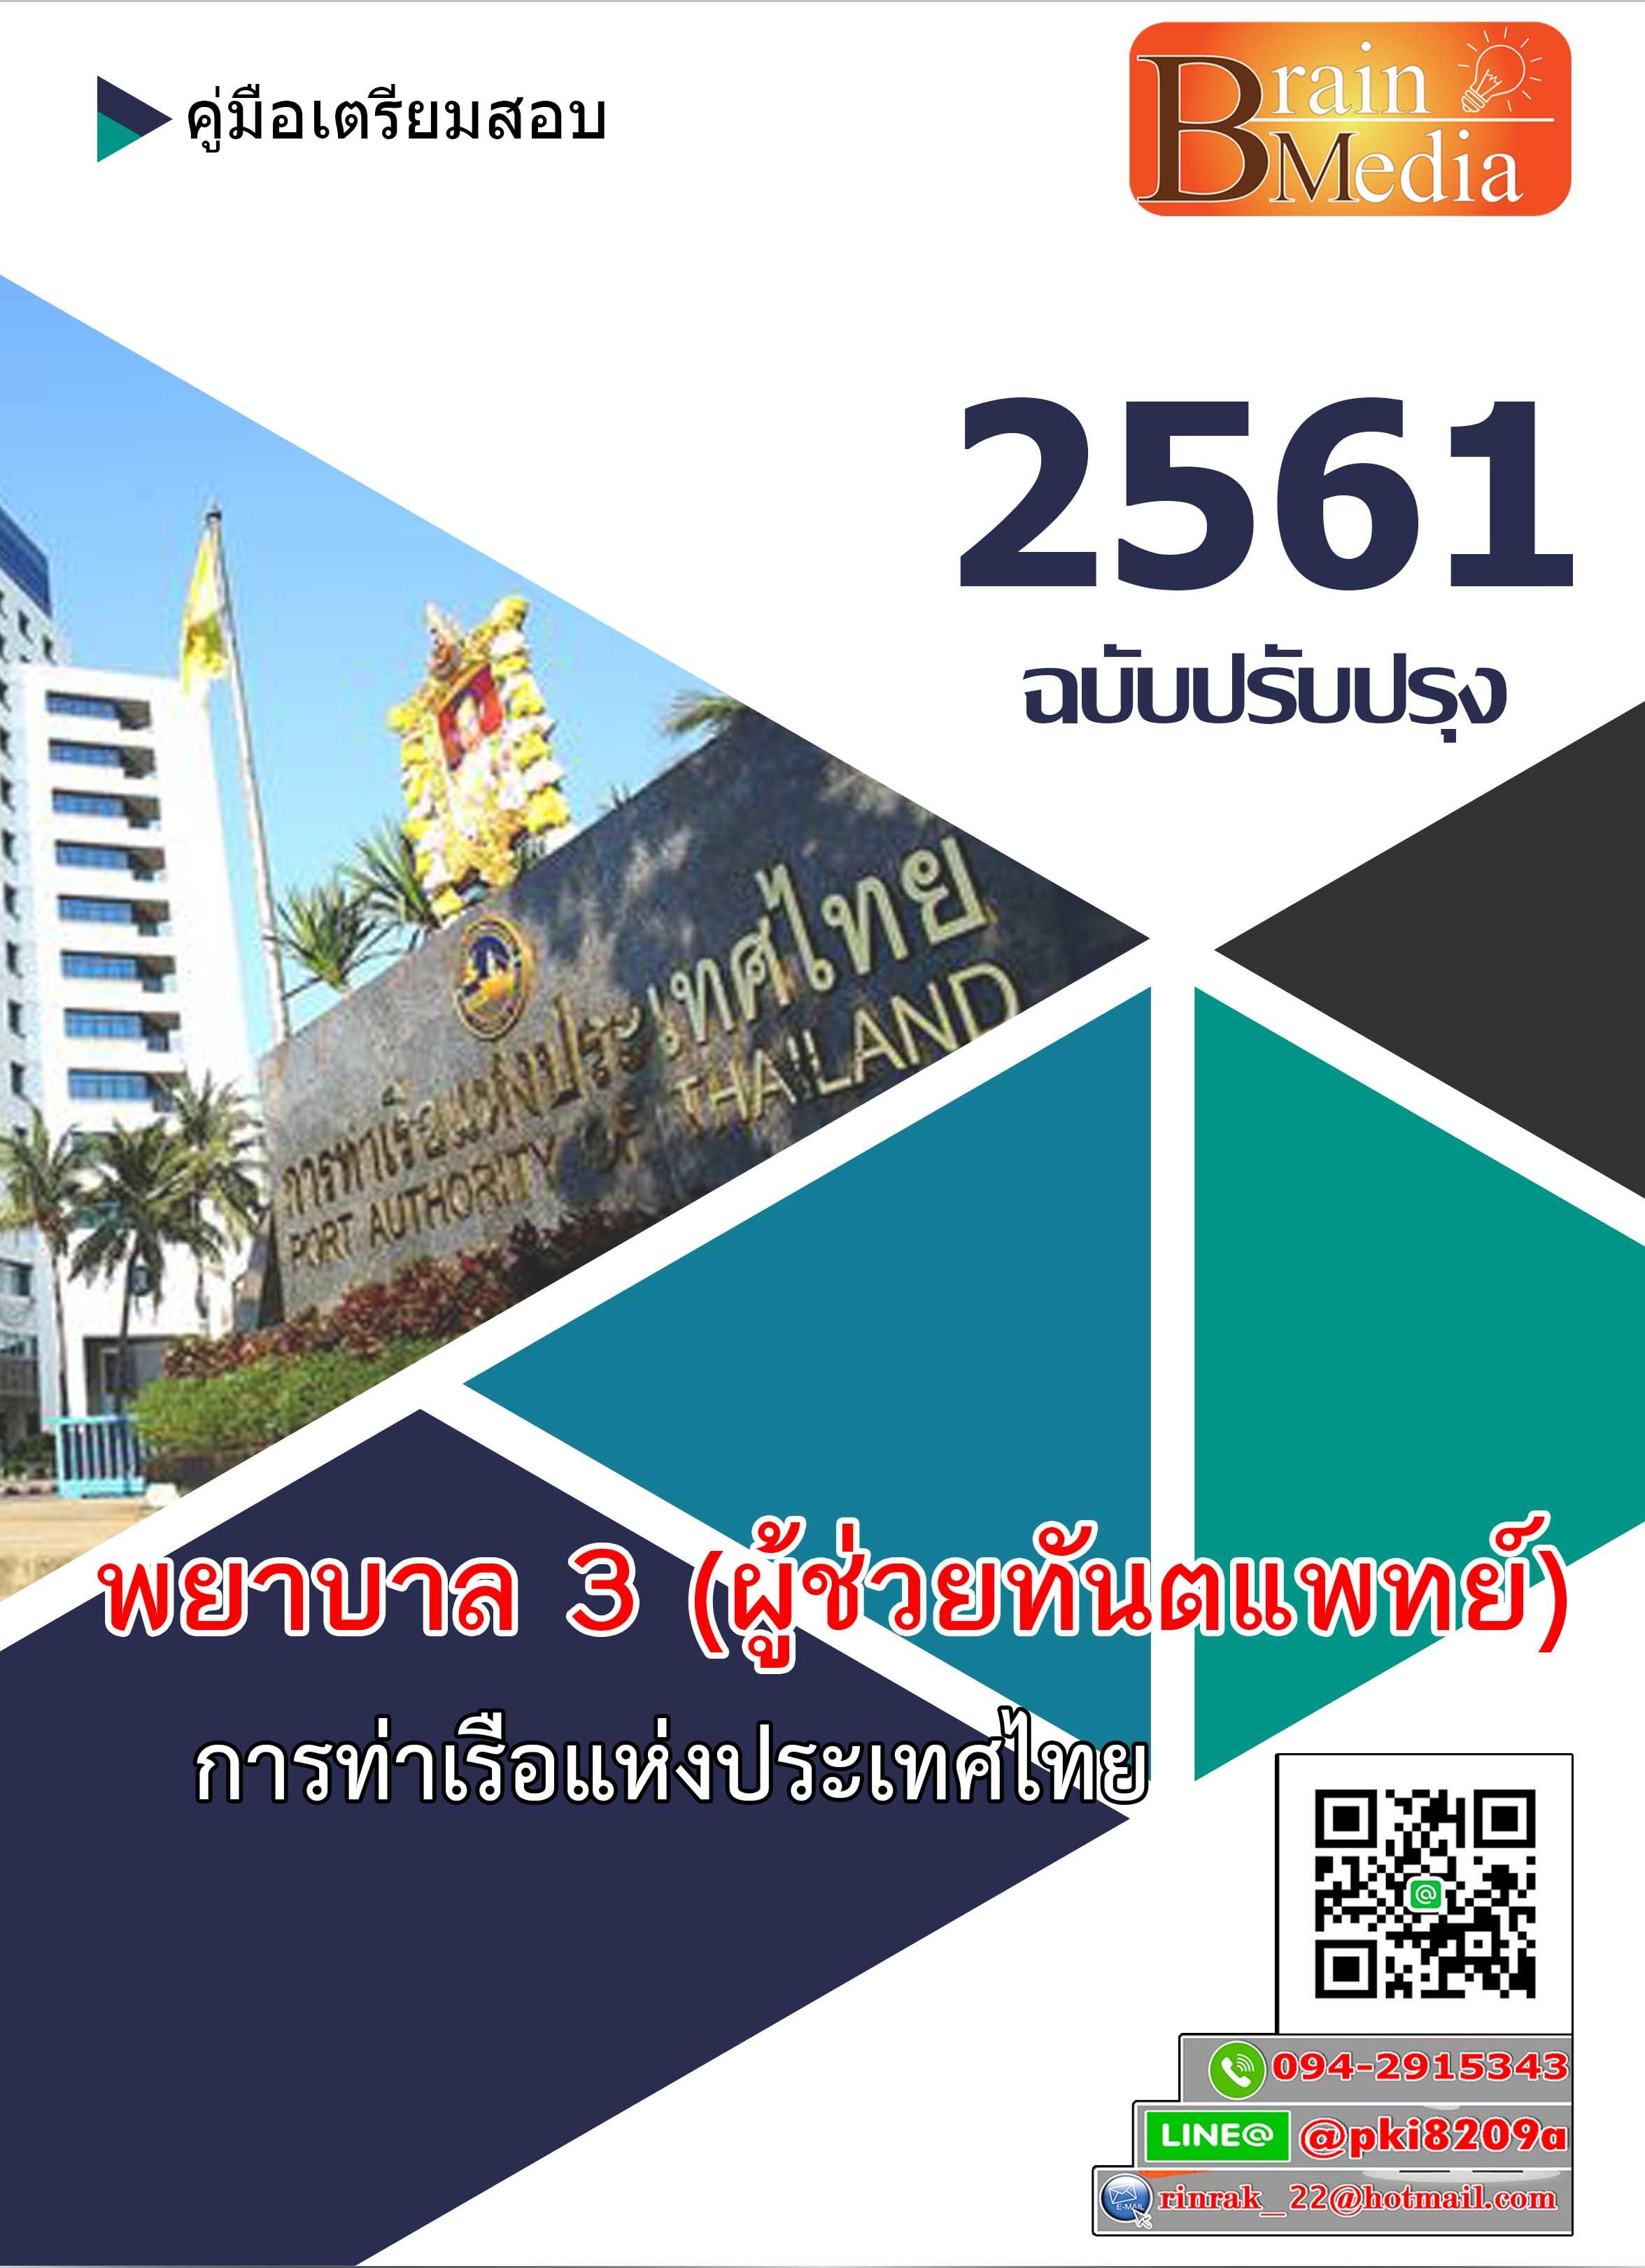 แนวข้อสอบ พยาบาล 3 (ผู้ช่วยทันตแพทย์) การท่าเรือแห่งประเทศไทย